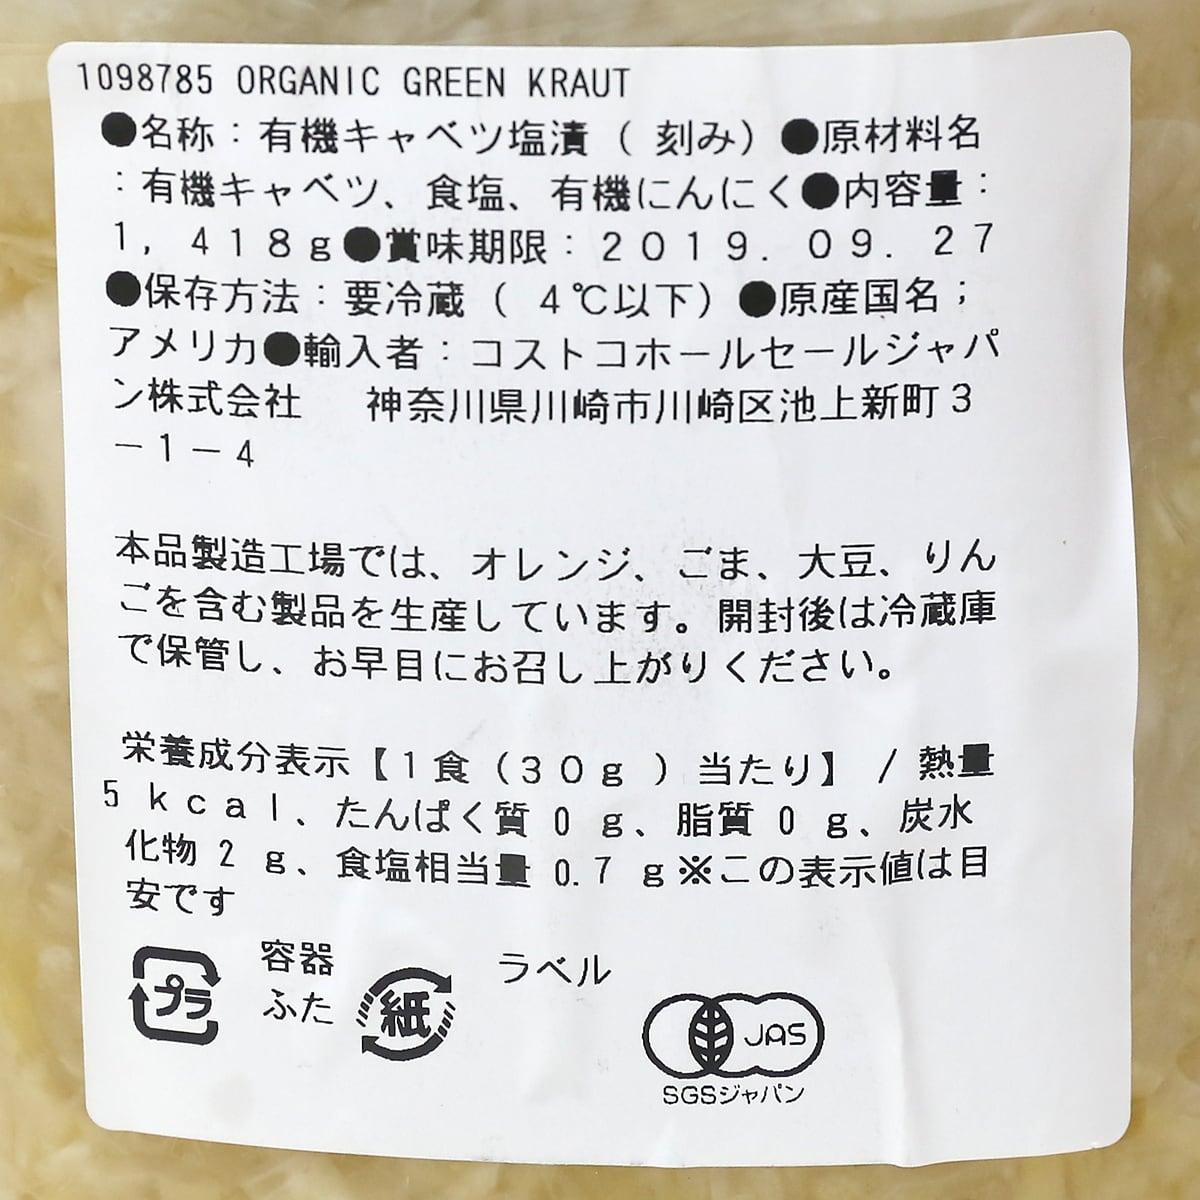 wildbrine オーガニックザワークラウト 商品ラベル(原材料・カロリーほか)